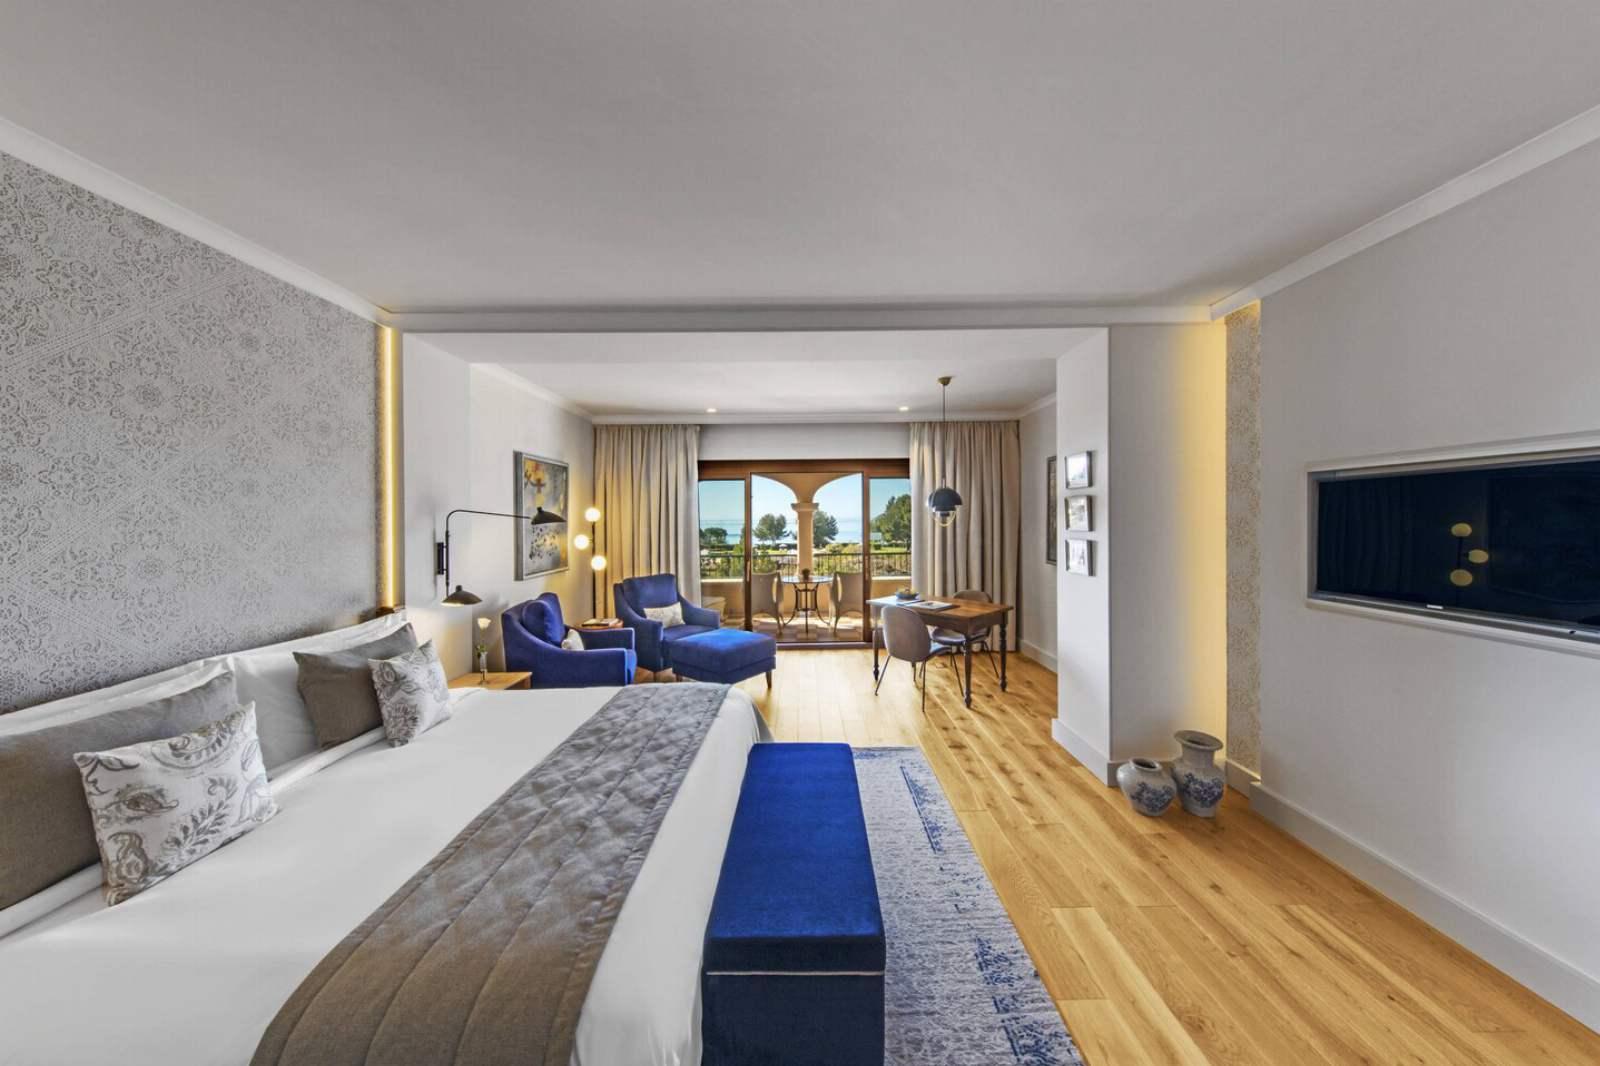 St. Regis Mardavall Resort - Junior Suite, Sea View